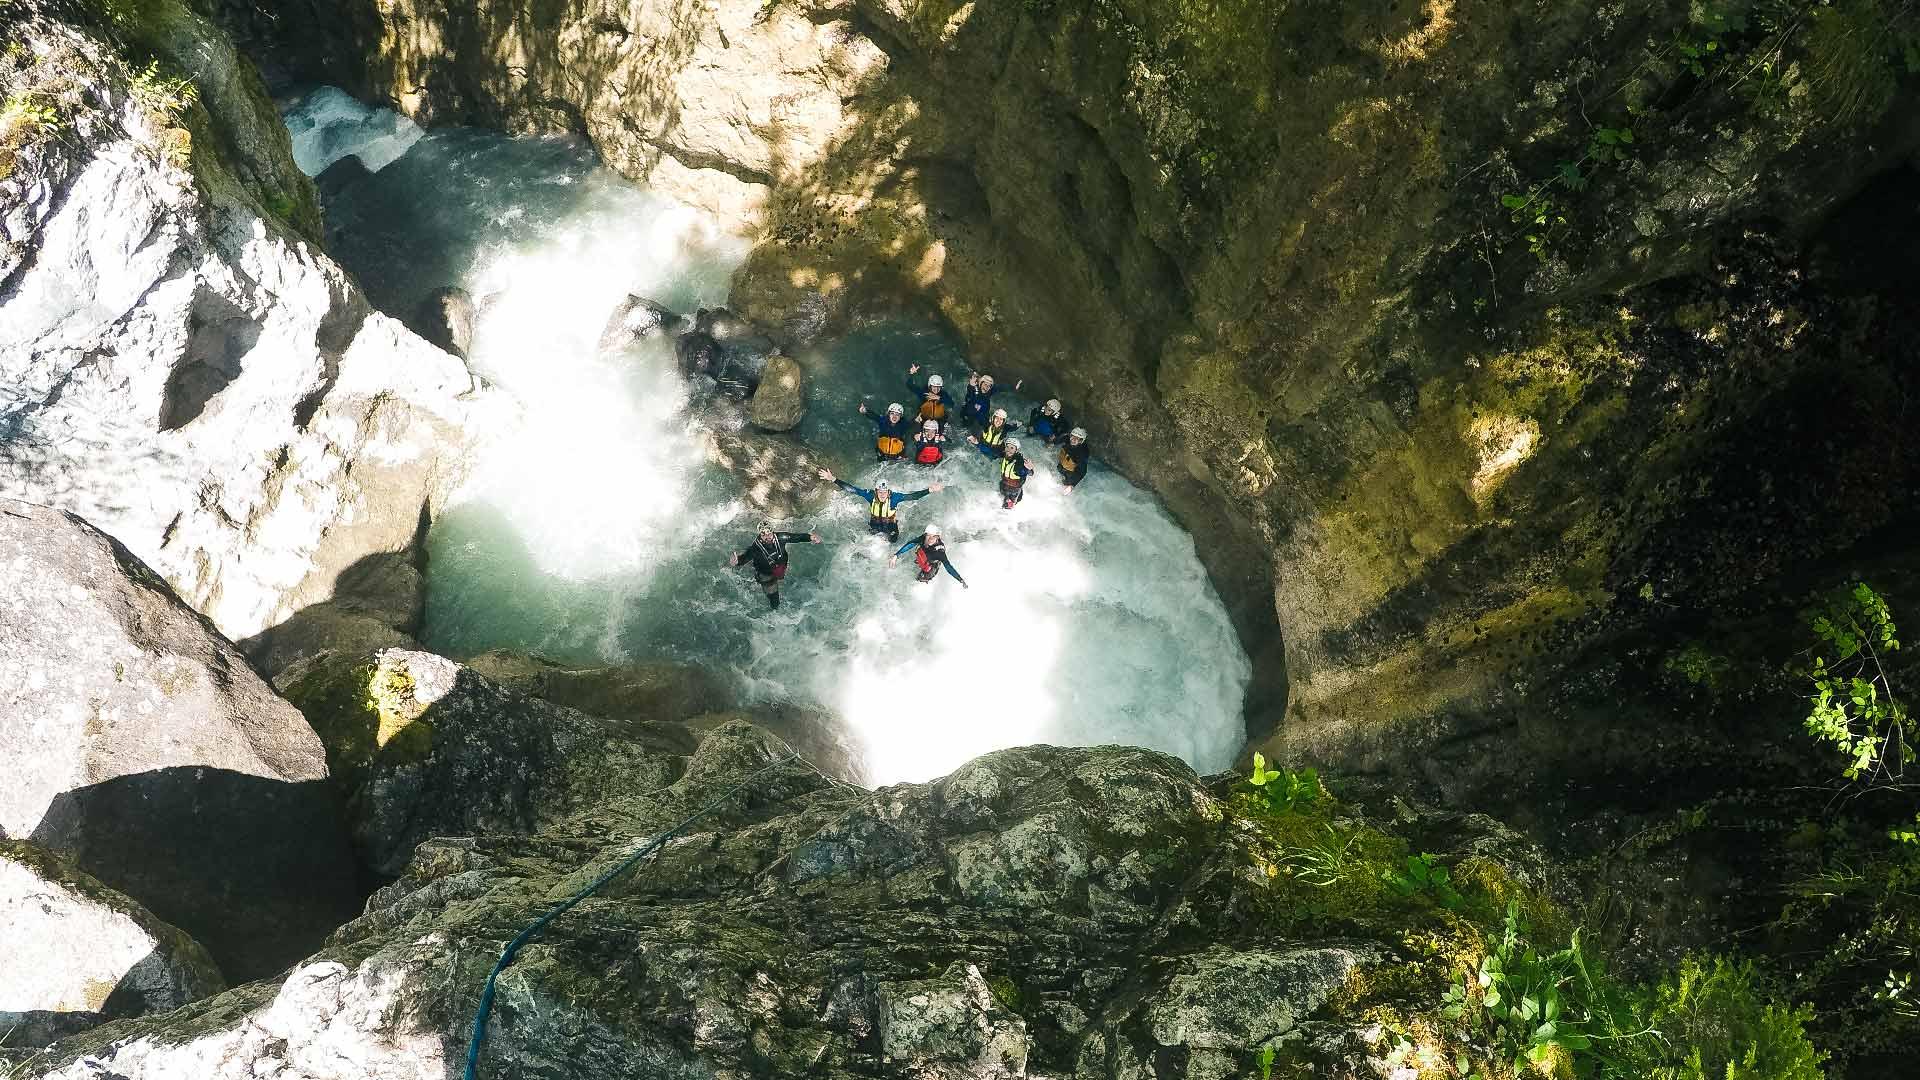 canyoning-schlucht-gruppe-wasser